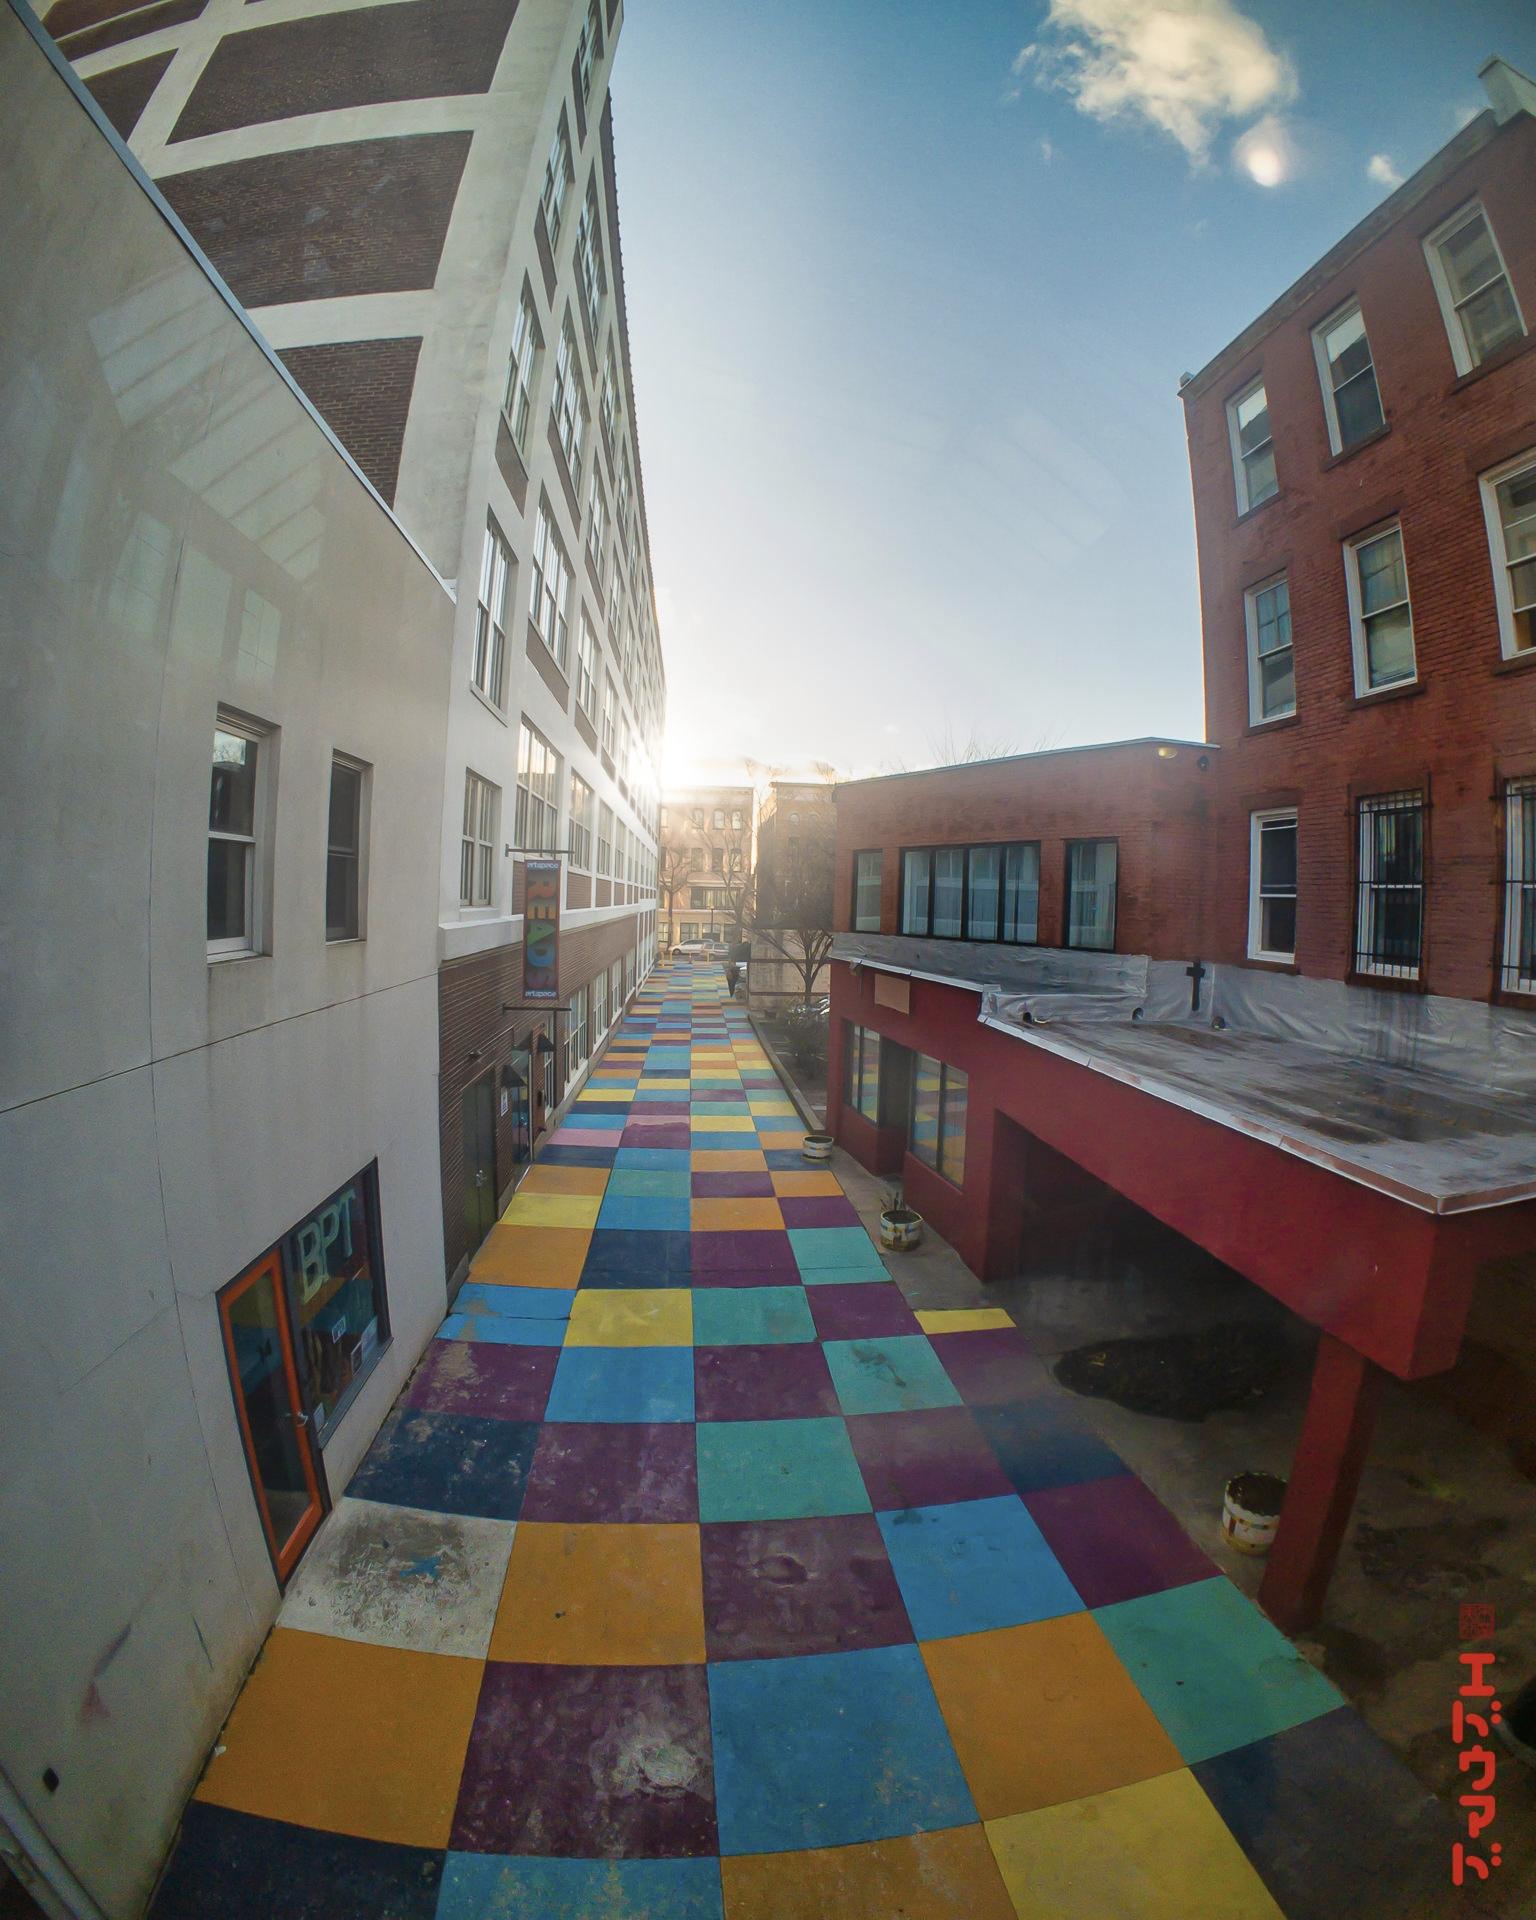 Time Tunnel Arcades alley, Brid - photografia | ello